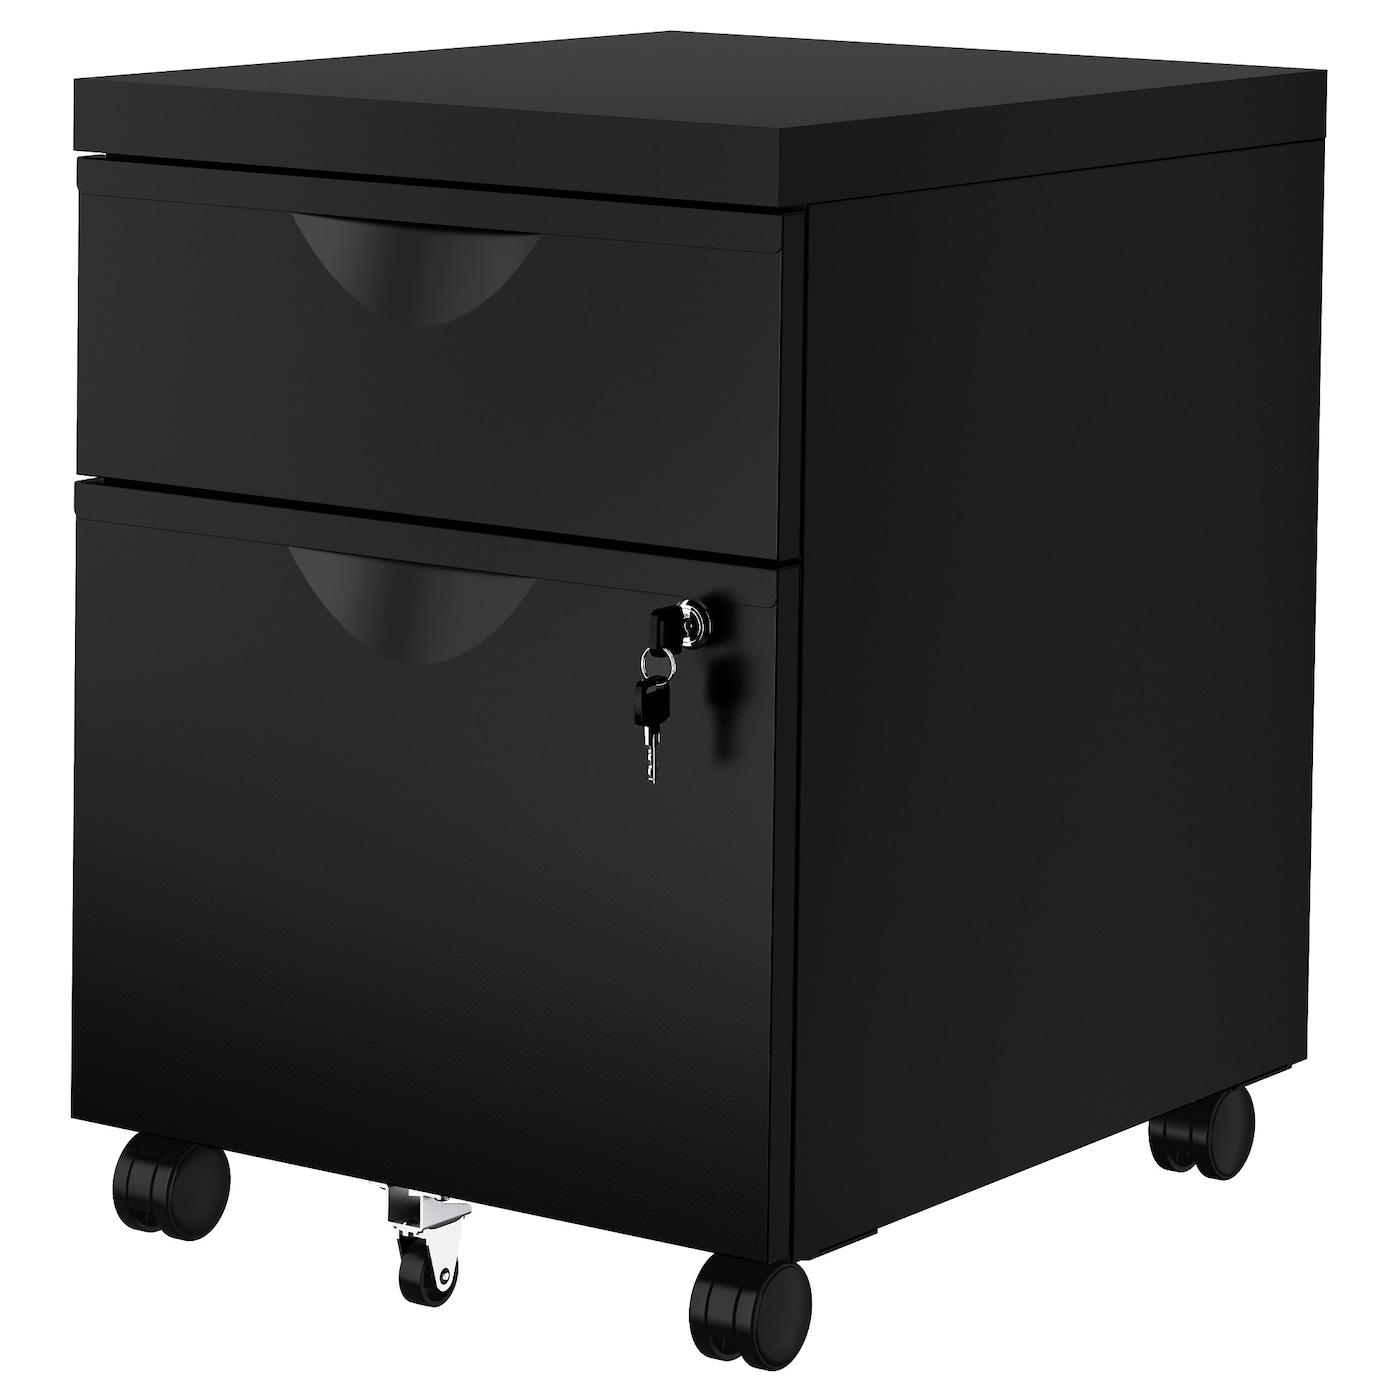 IKEA ERIK czarna komoda na kółkach z dwiema szufladami, 41x57 cm